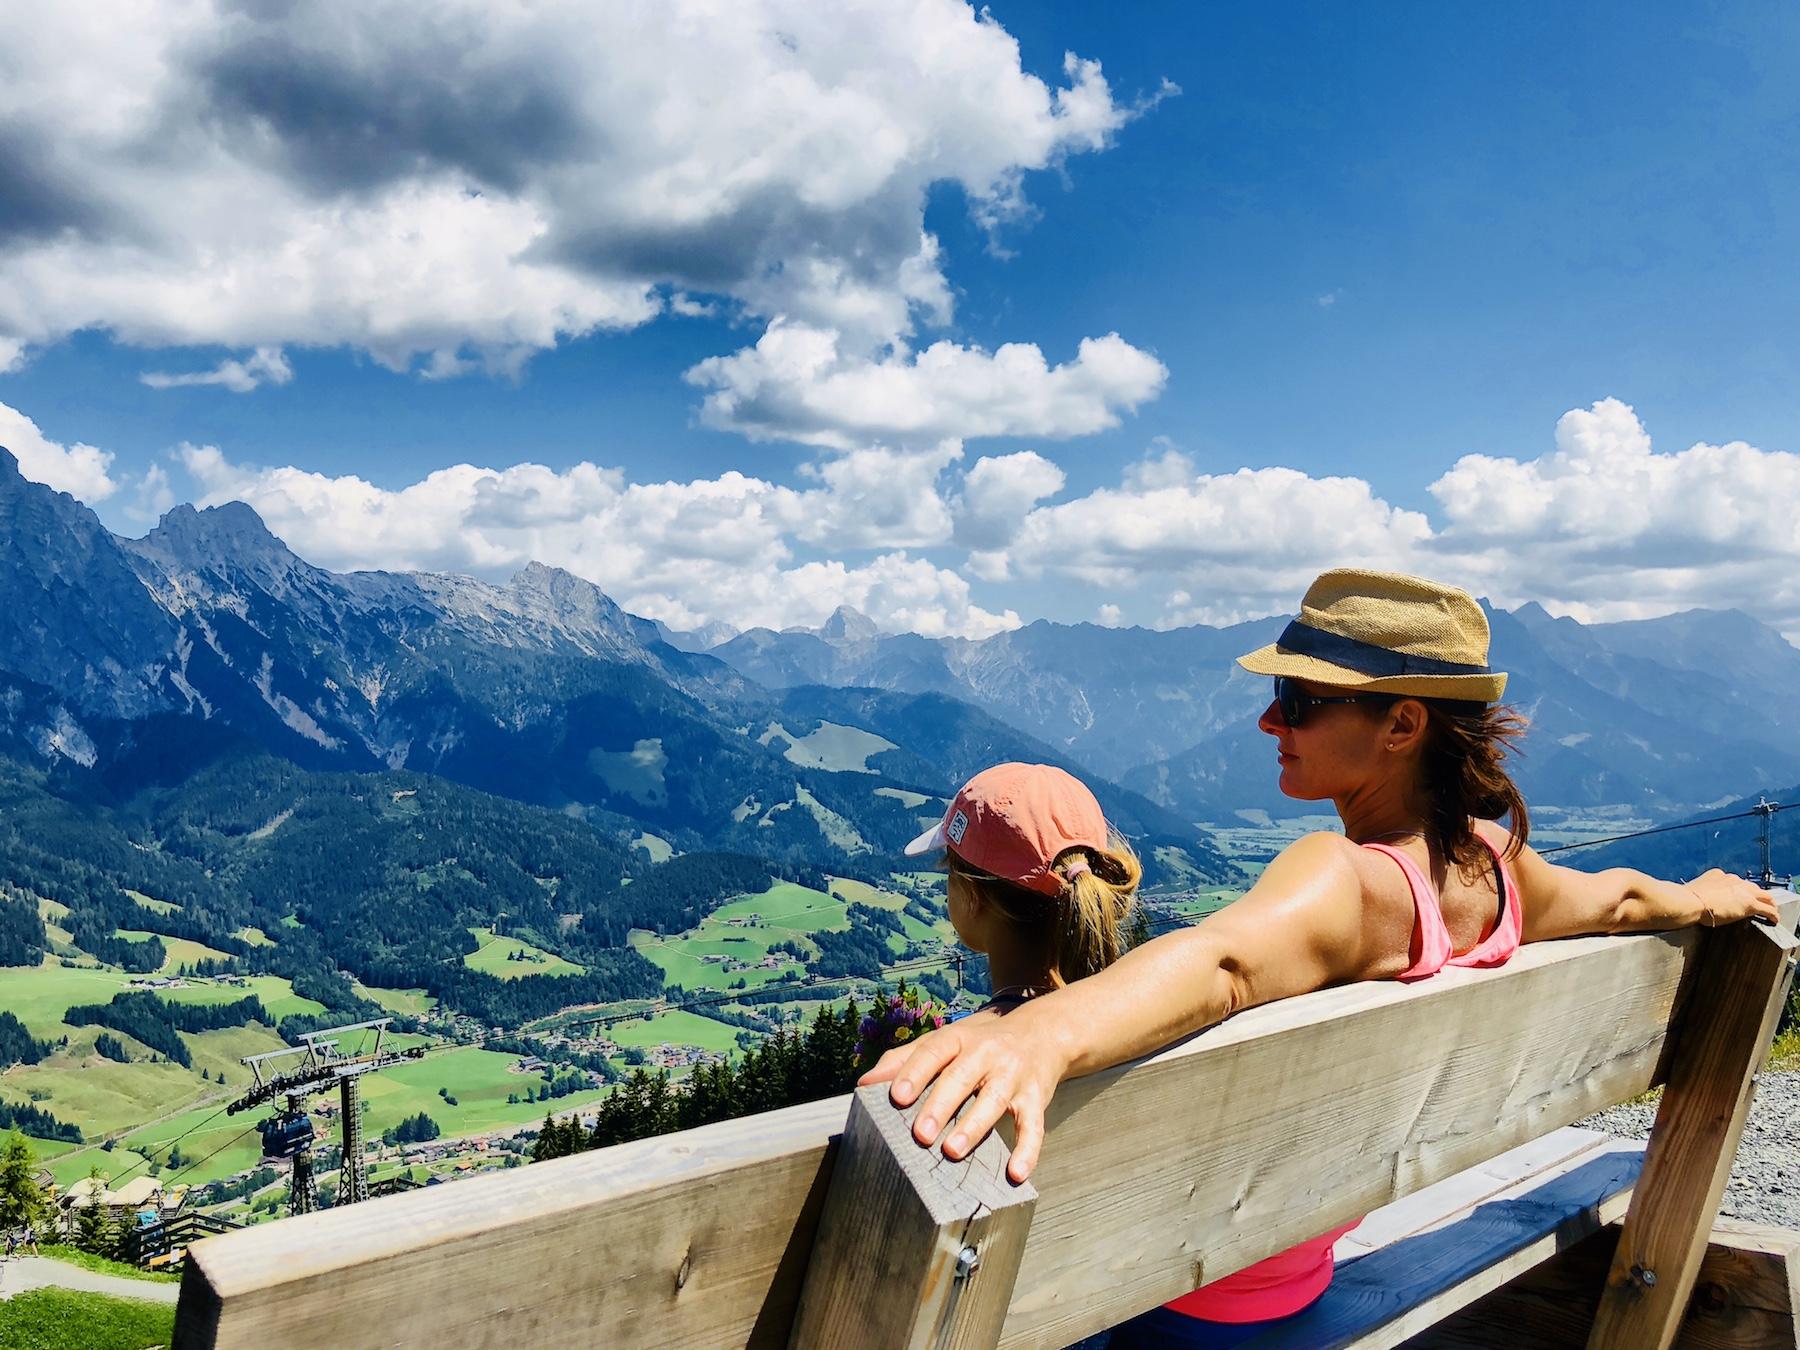 Mutter mit Tochter auf Bank in Tirol mit Blick auf die Berge